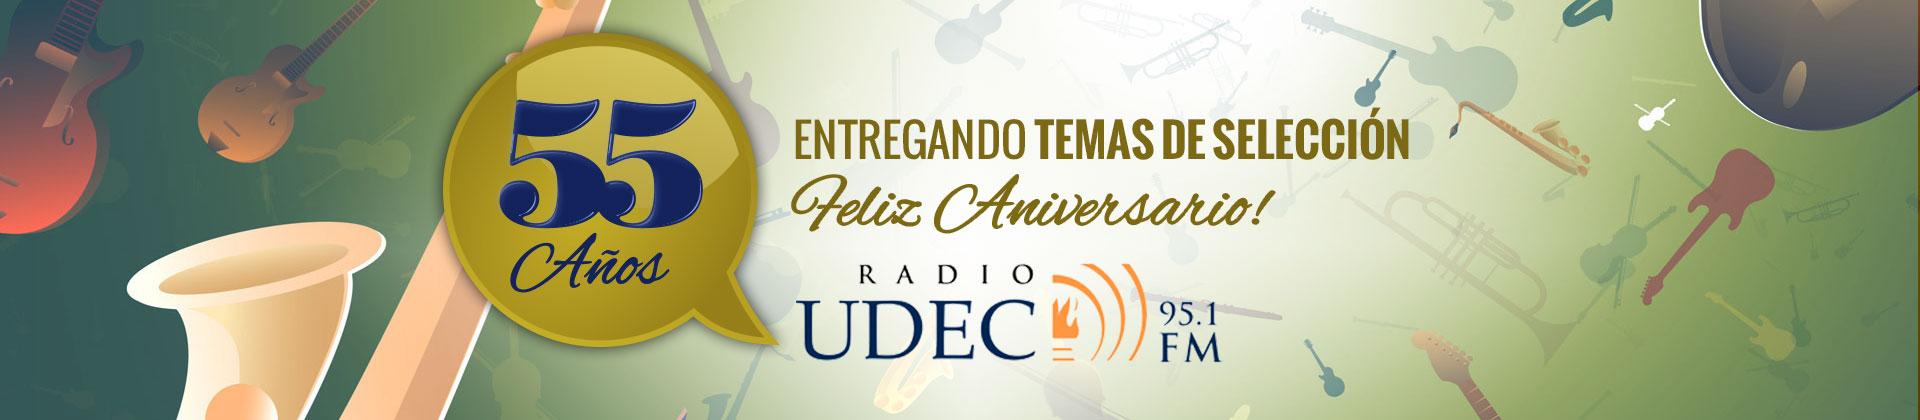 55-años-radio-udec2